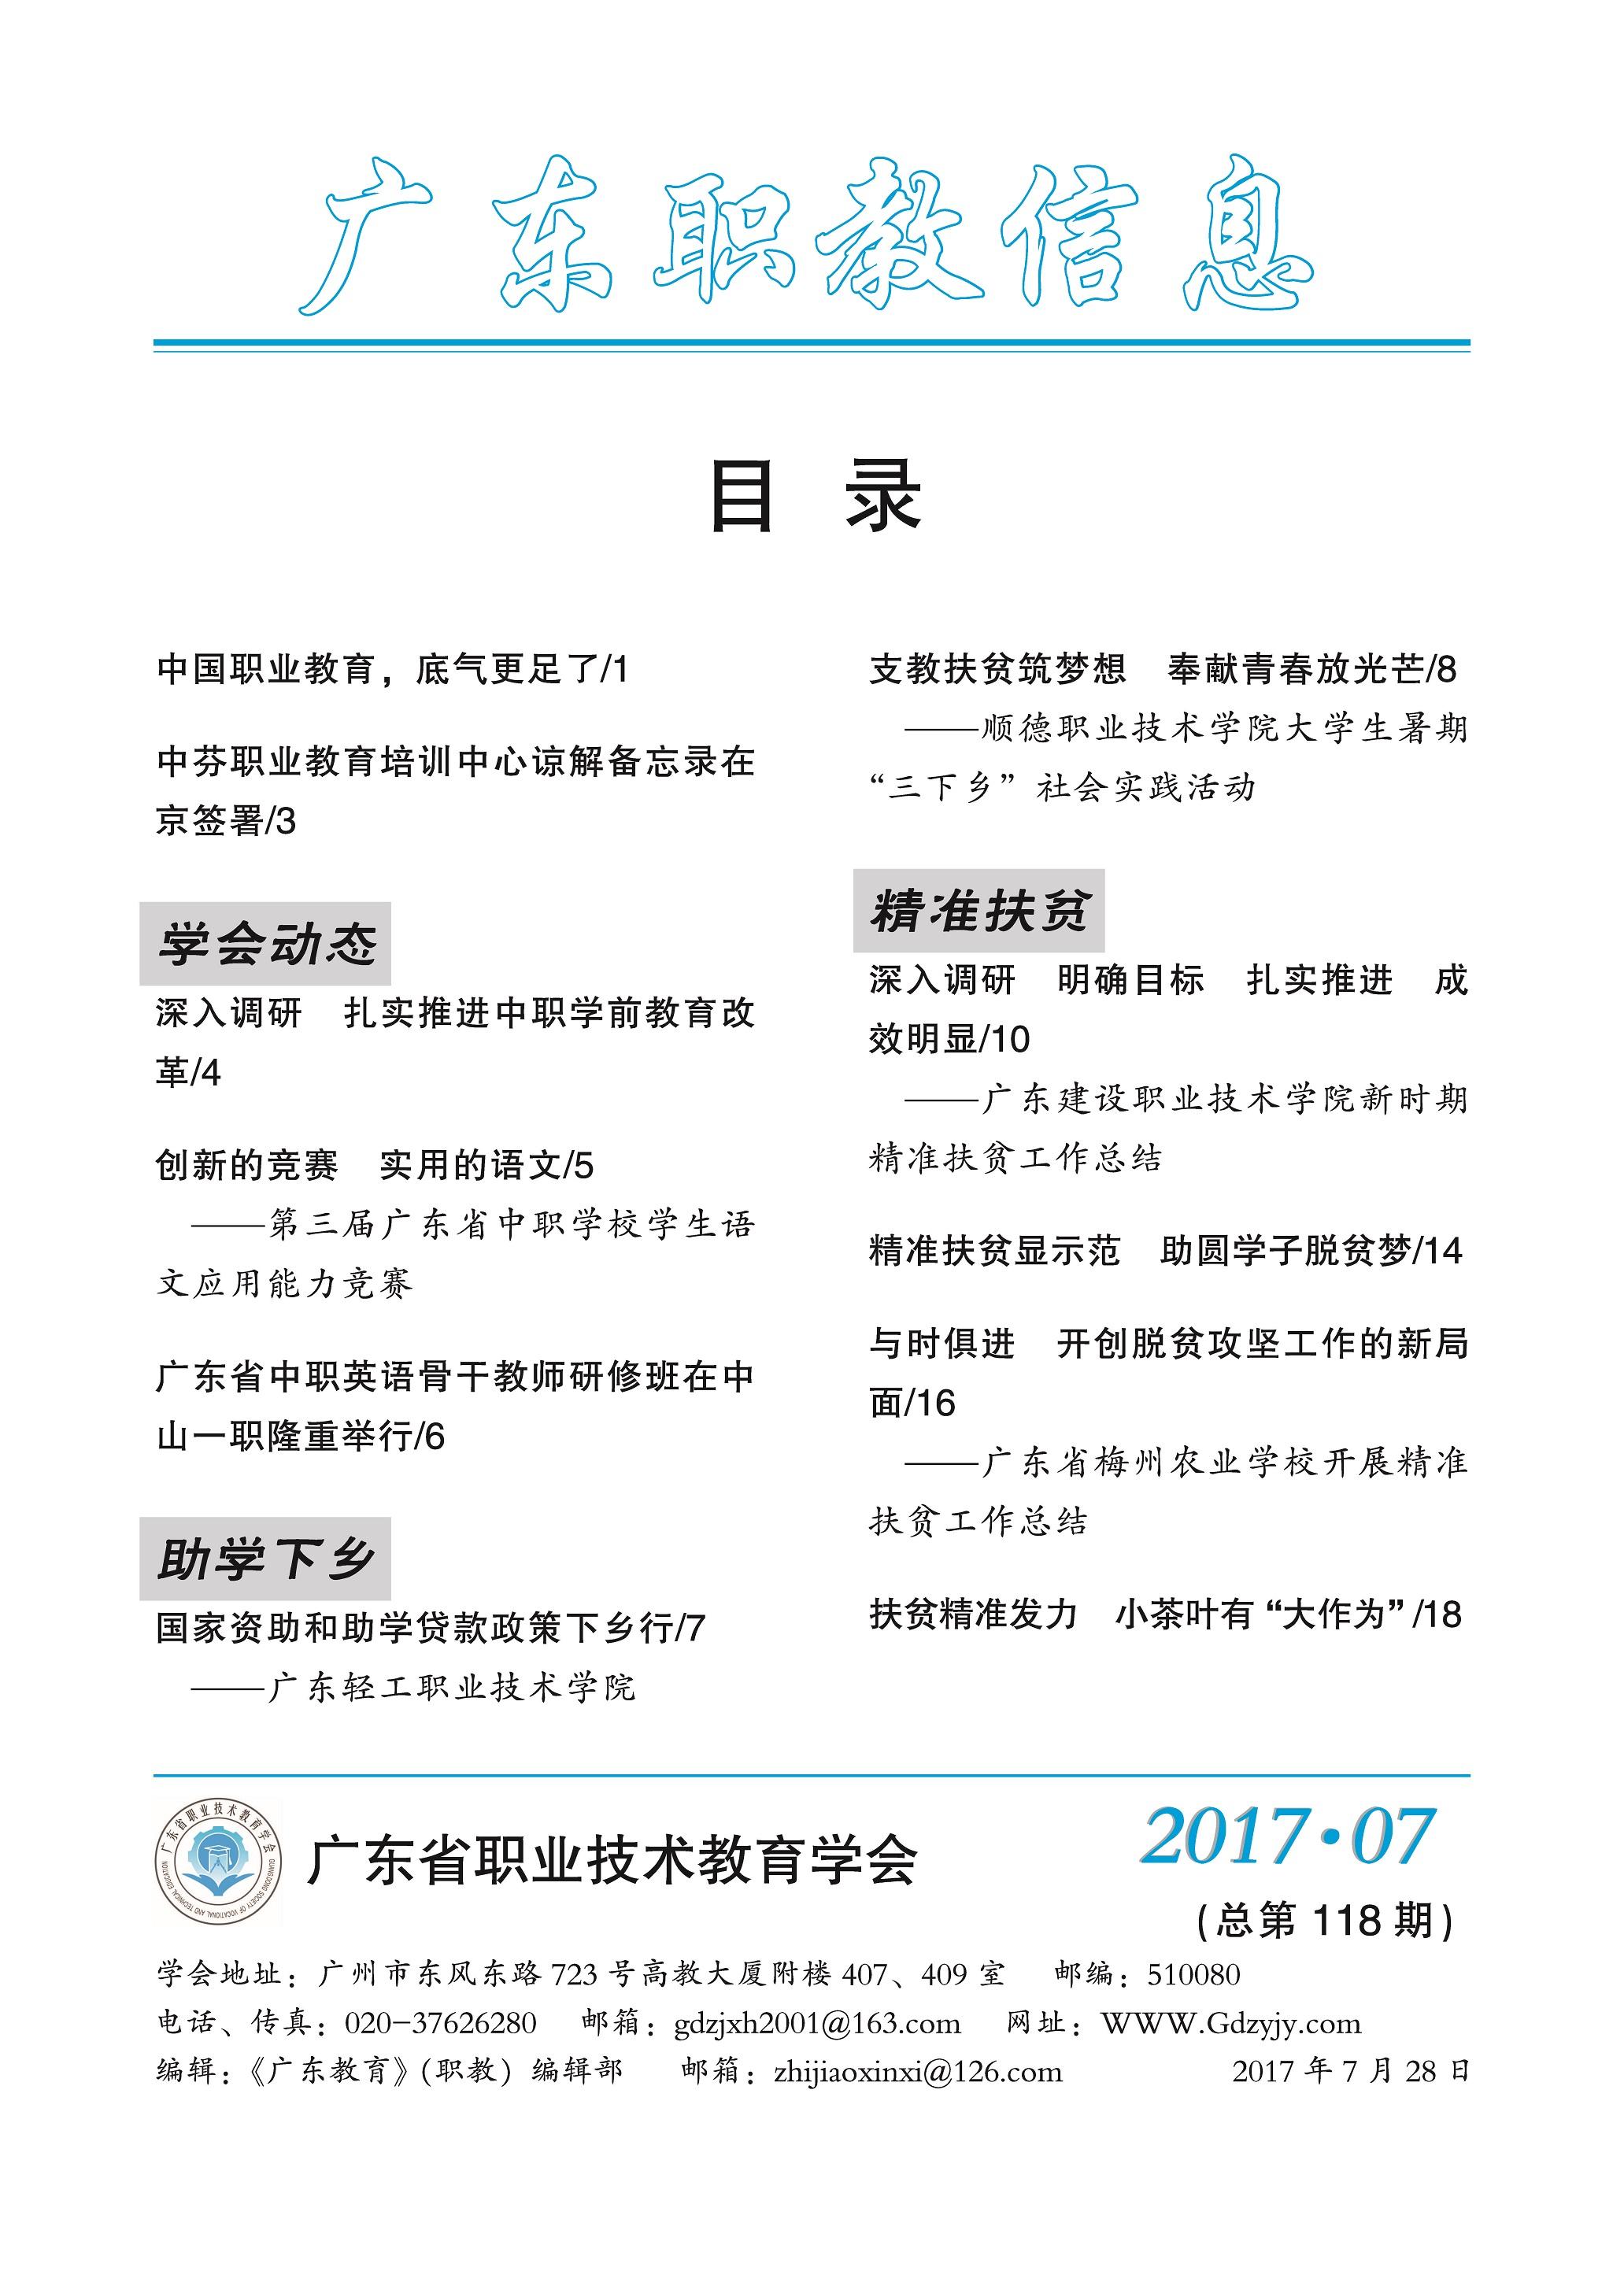 页面提取自-广东职教信息2017年第7期.jpg